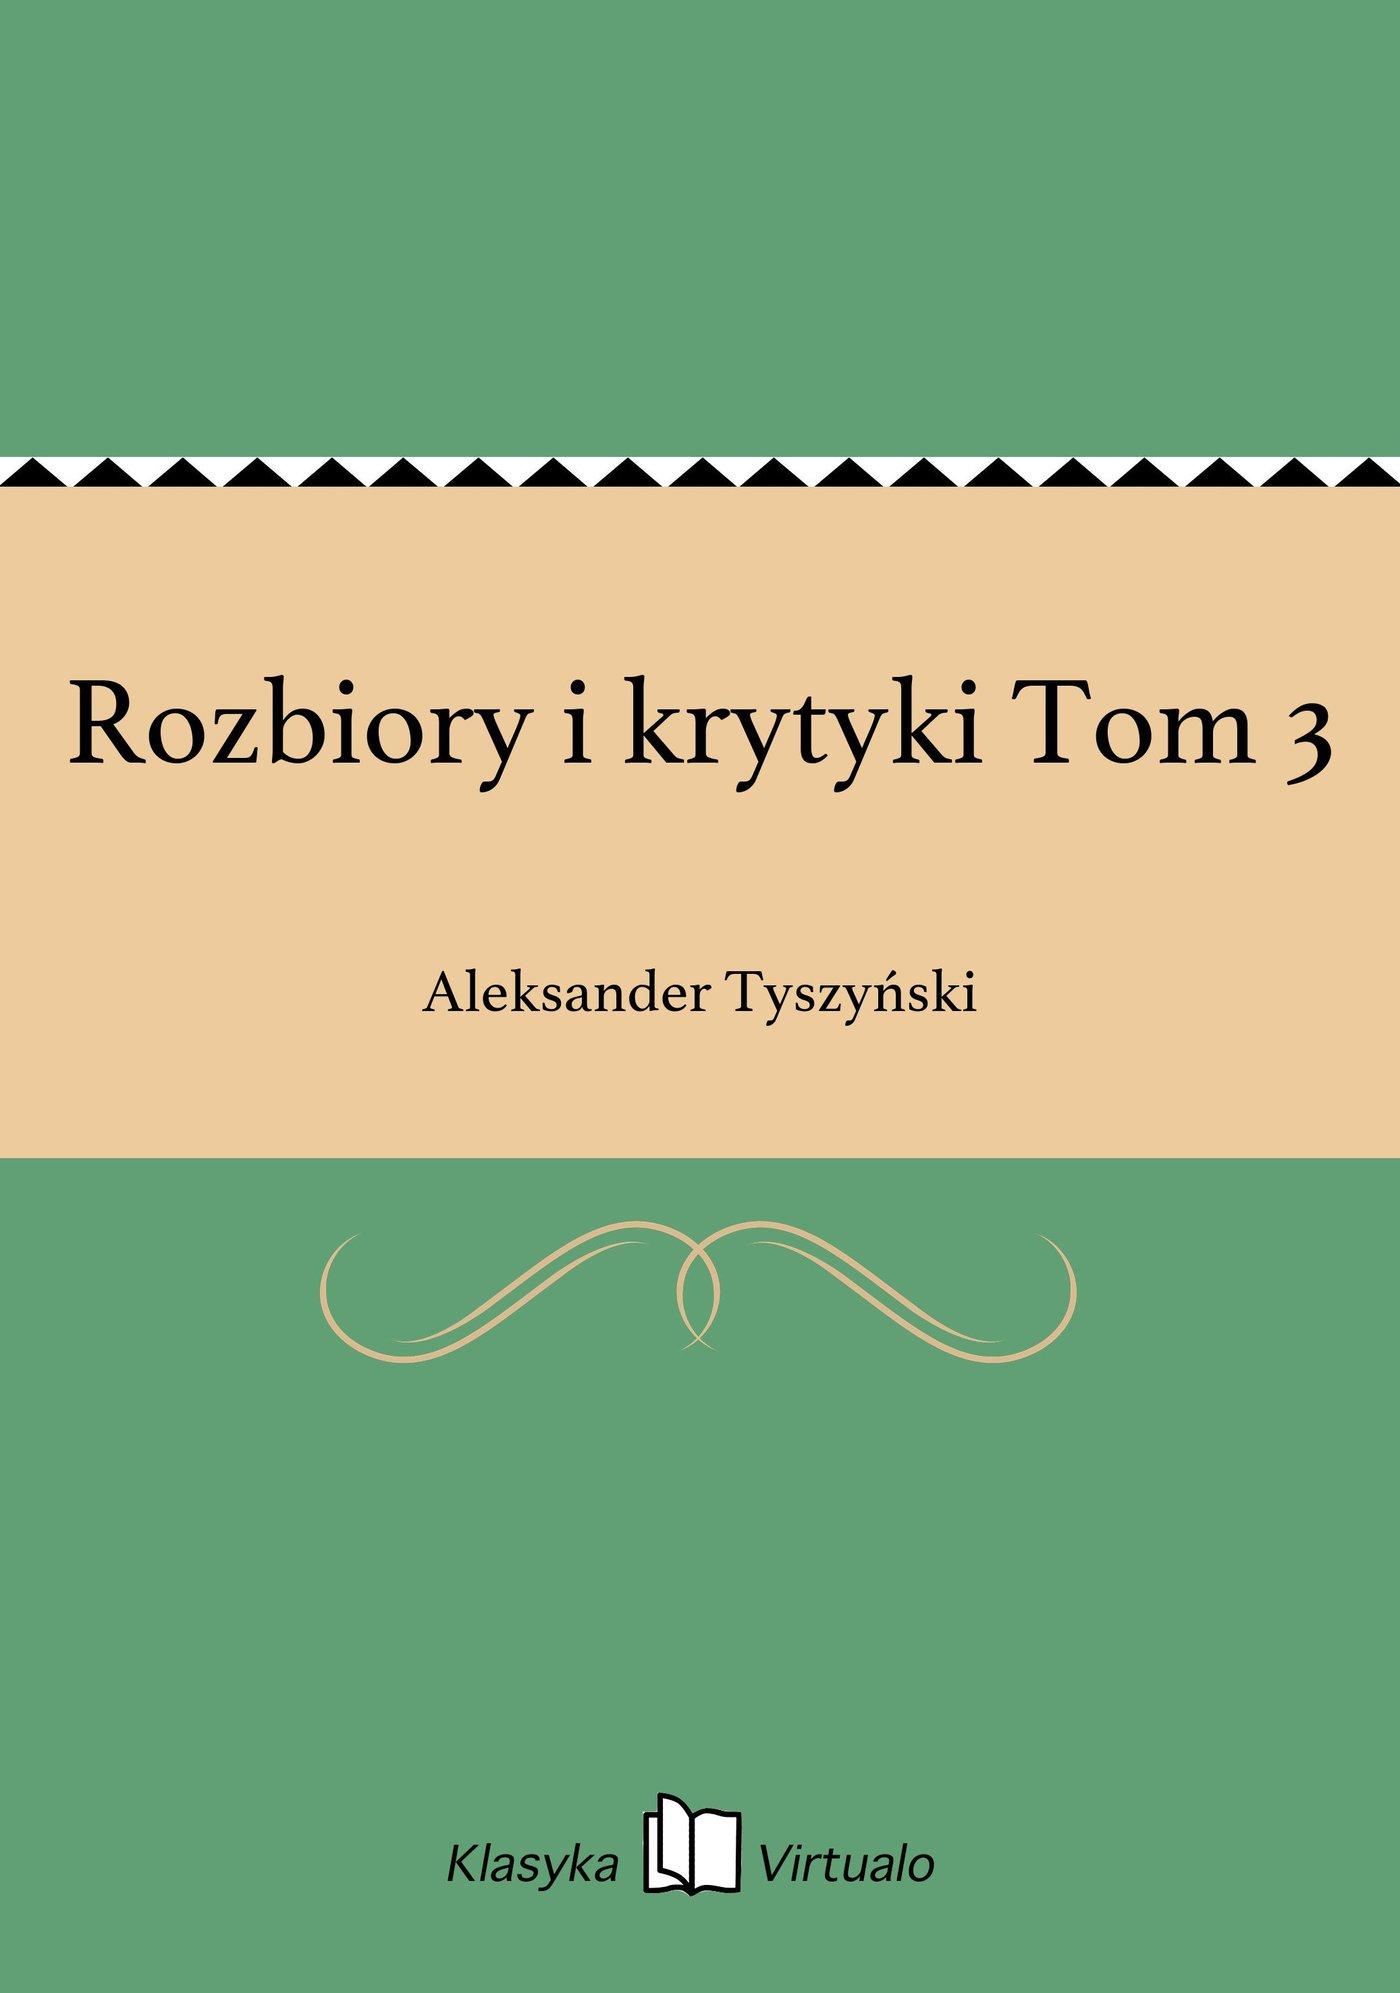 Rozbiory i krytyki Tom 3 - Ebook (Książka EPUB) do pobrania w formacie EPUB